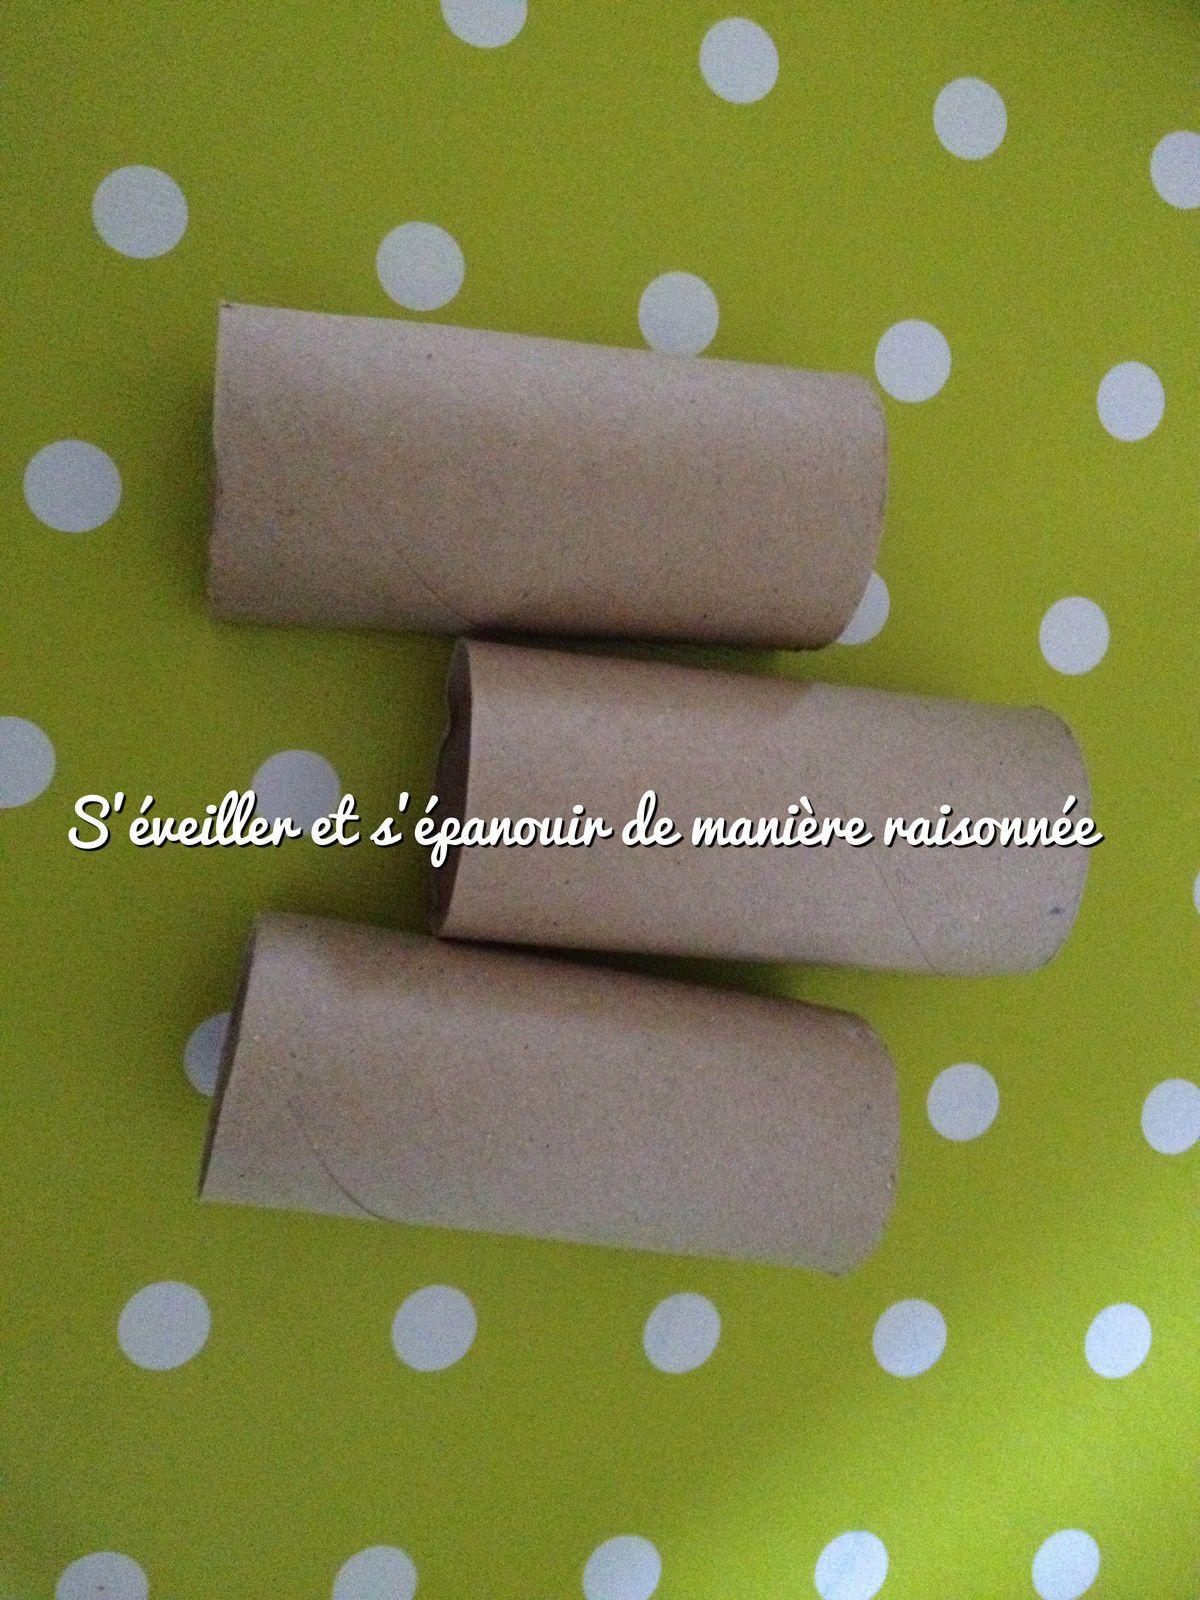 Peinture avec des tubes en cartons (rouleaux de papier-toilette...) en tampons